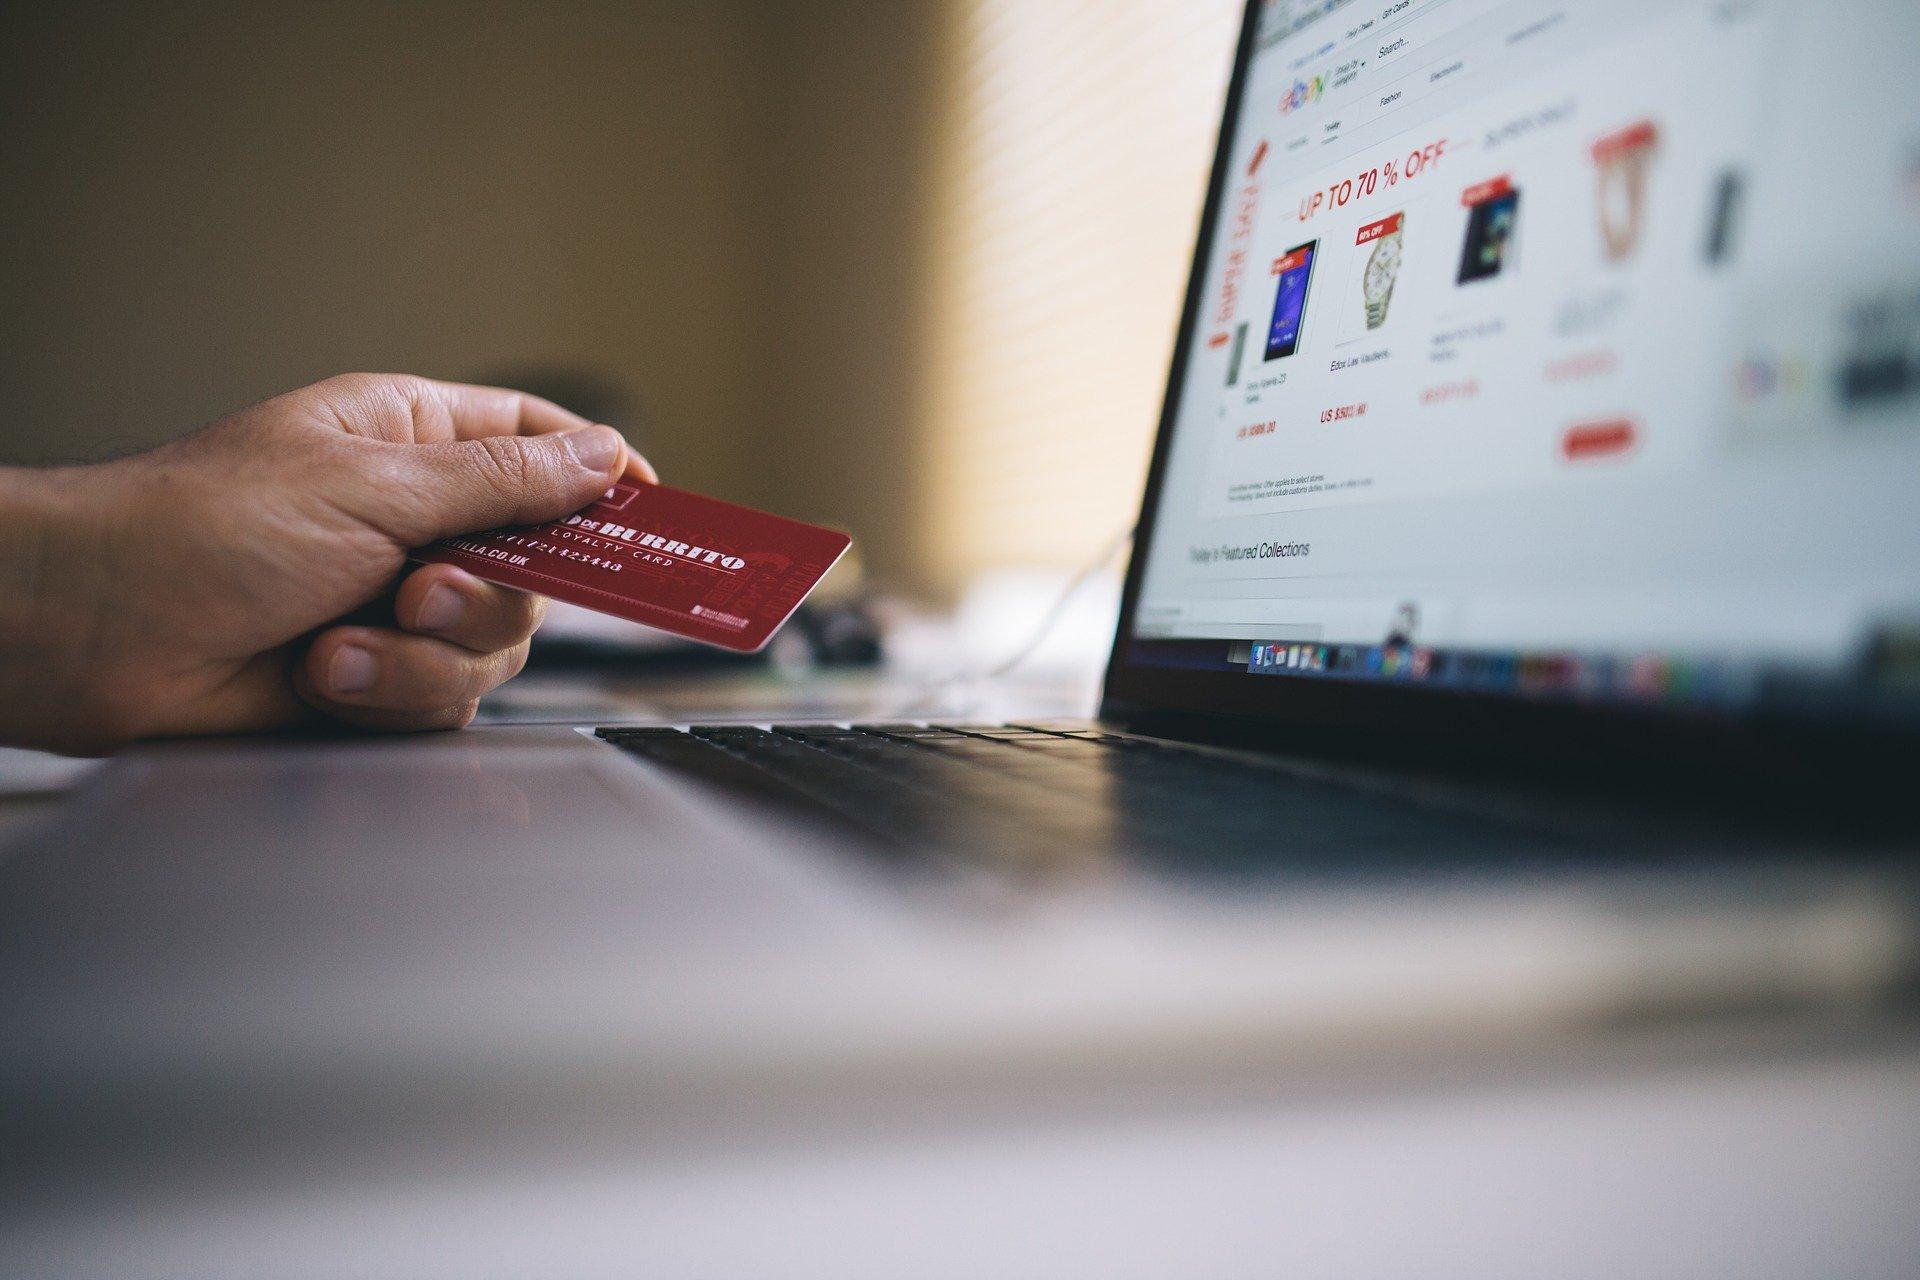 ecommerce 2607114 1920 - Impact des services d'hébergement web sur les performances d'un site de commerce électronique